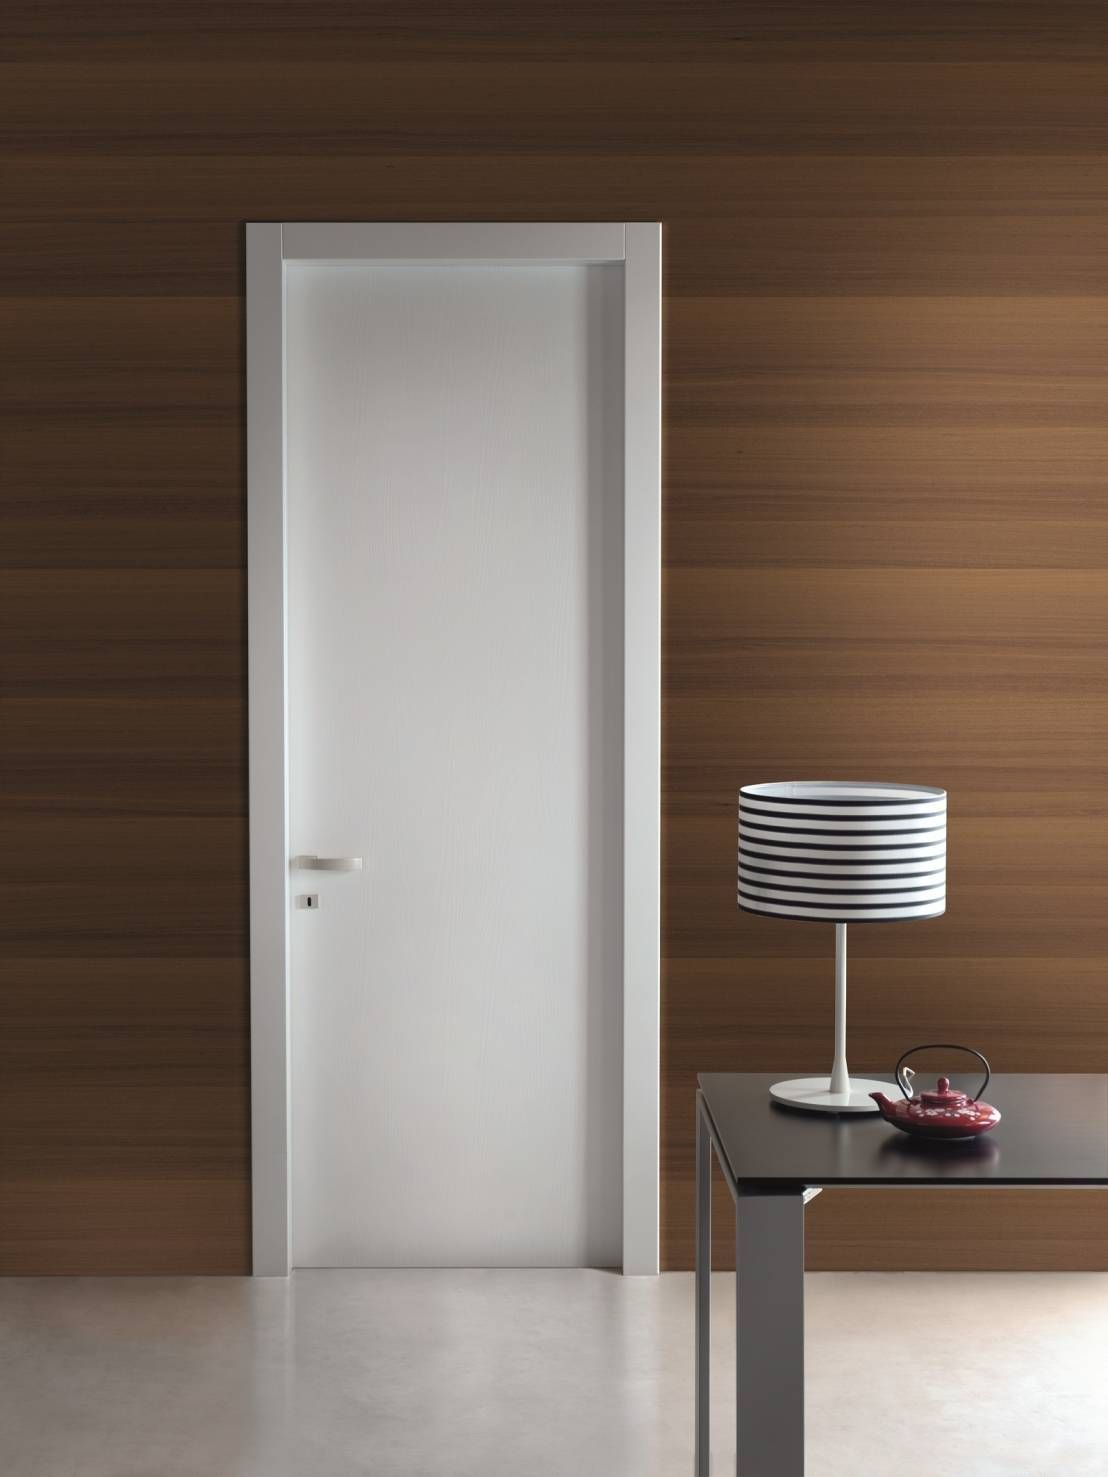 10 motivi per scegliere le porte interne in laminato | Doors ...